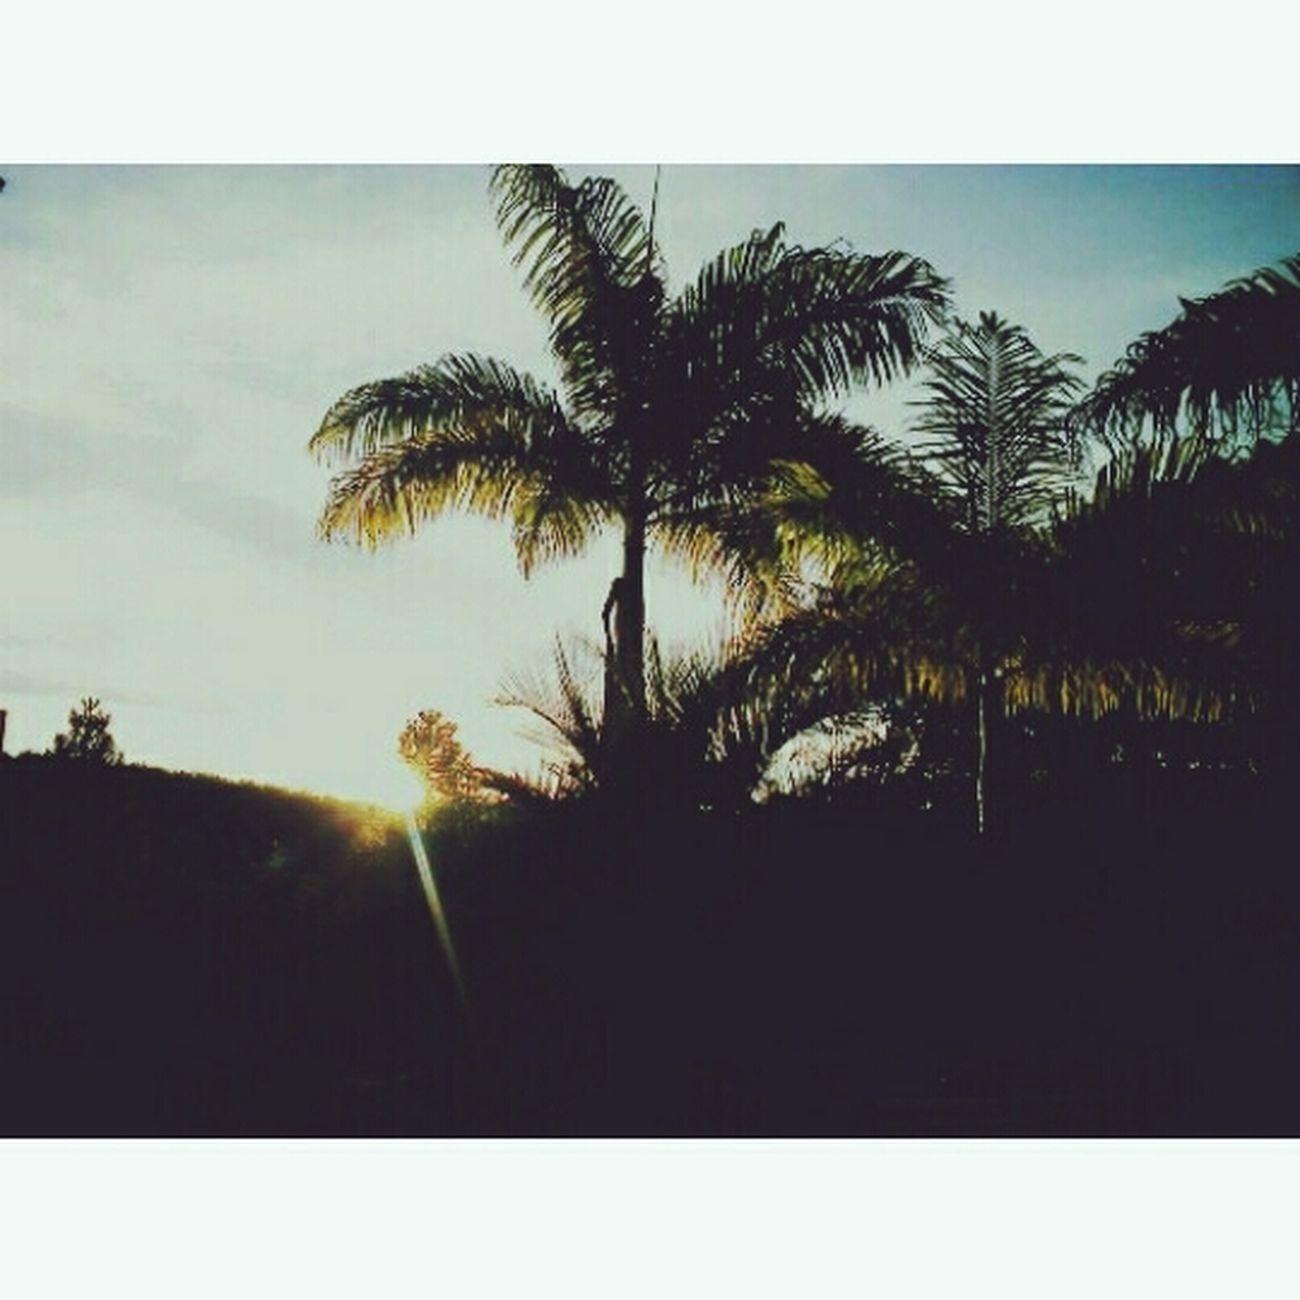 ☀☀ Sun Relaxing